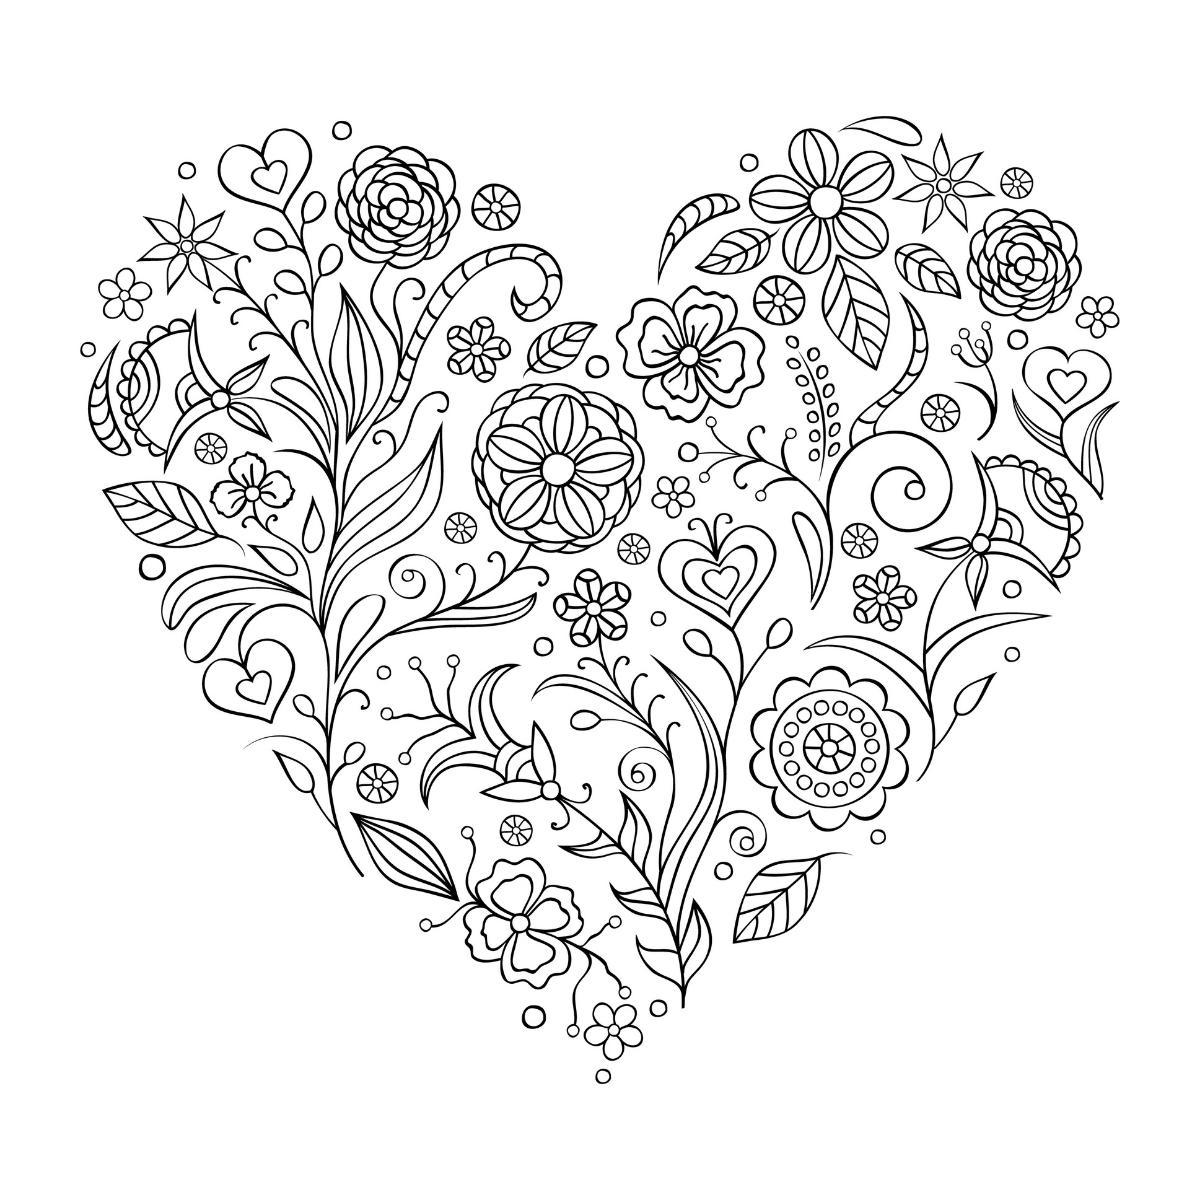 Kolorowanka serce dla mamy